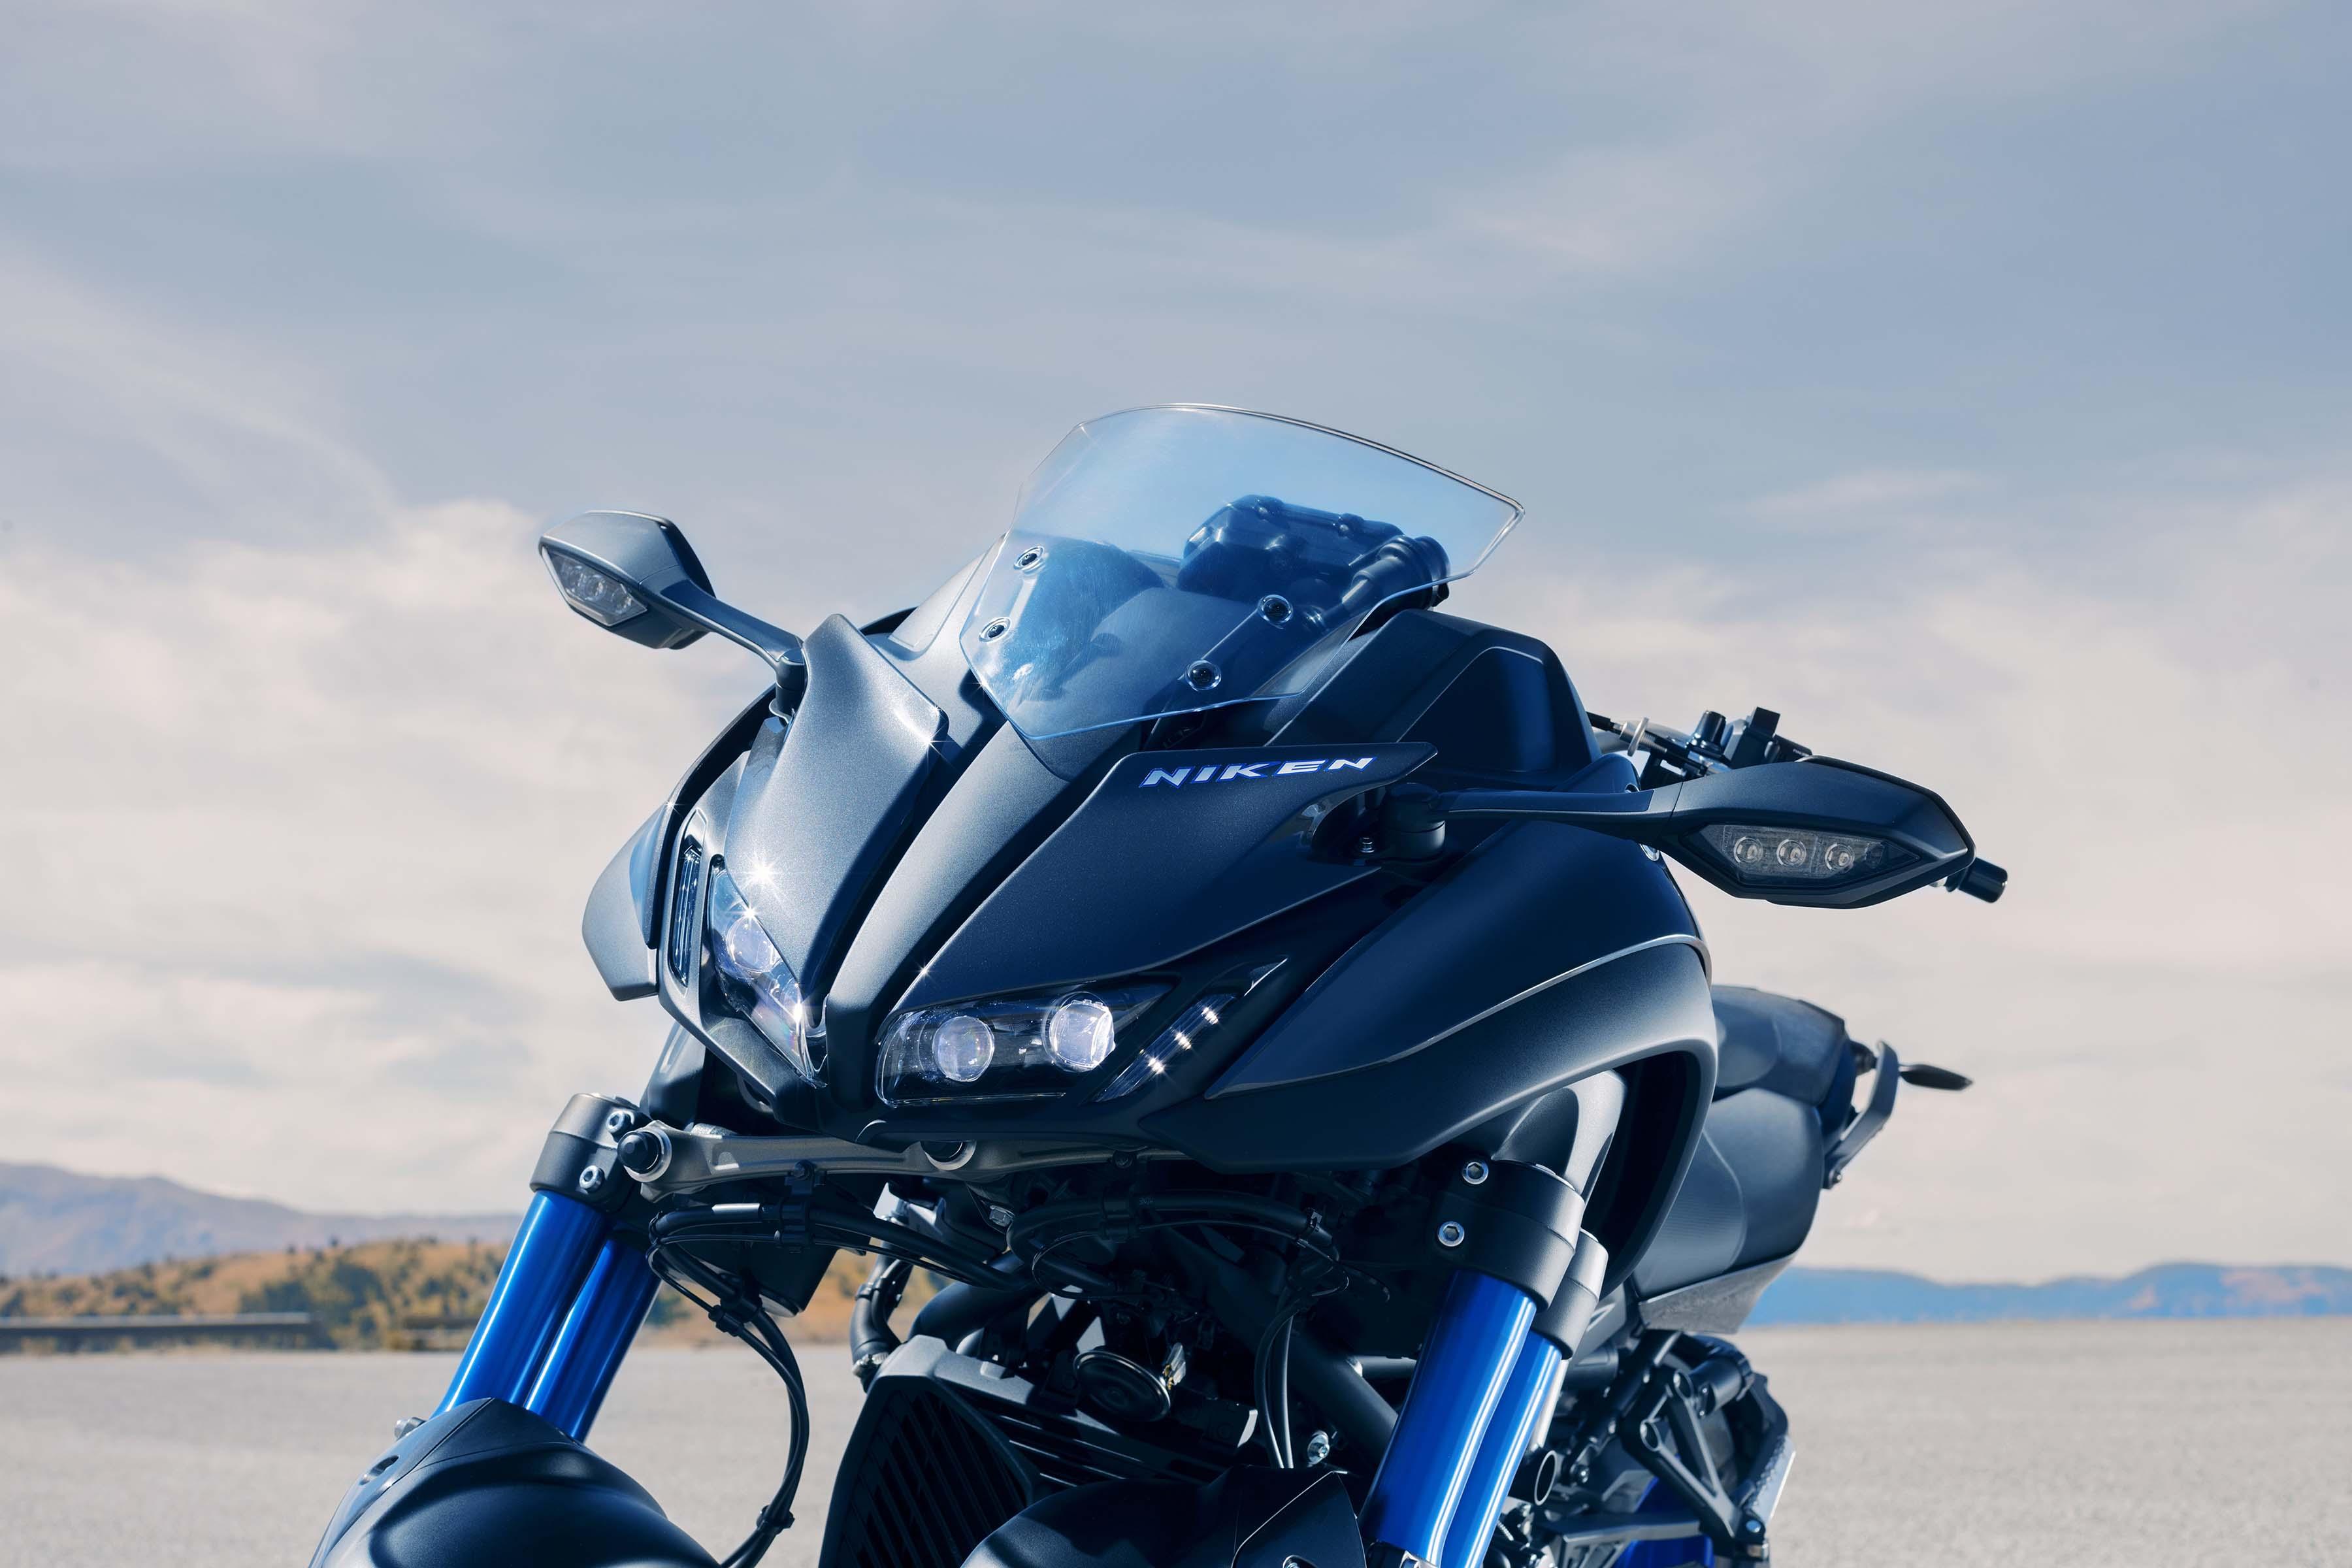 yamaha niken review threewheeled motorcycle - HD1600×1067